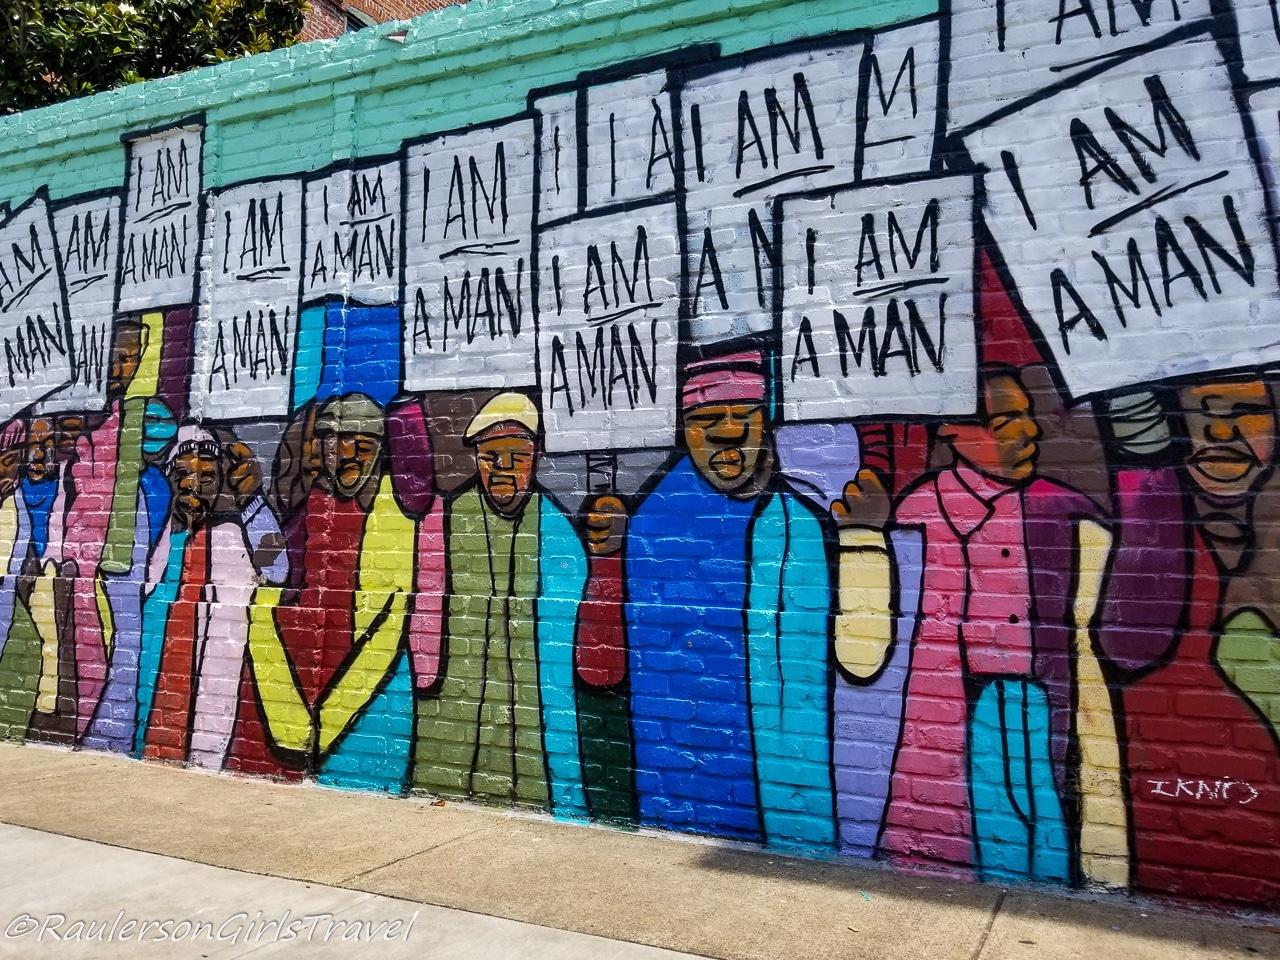 I Am A Man Street Mural in Memphis